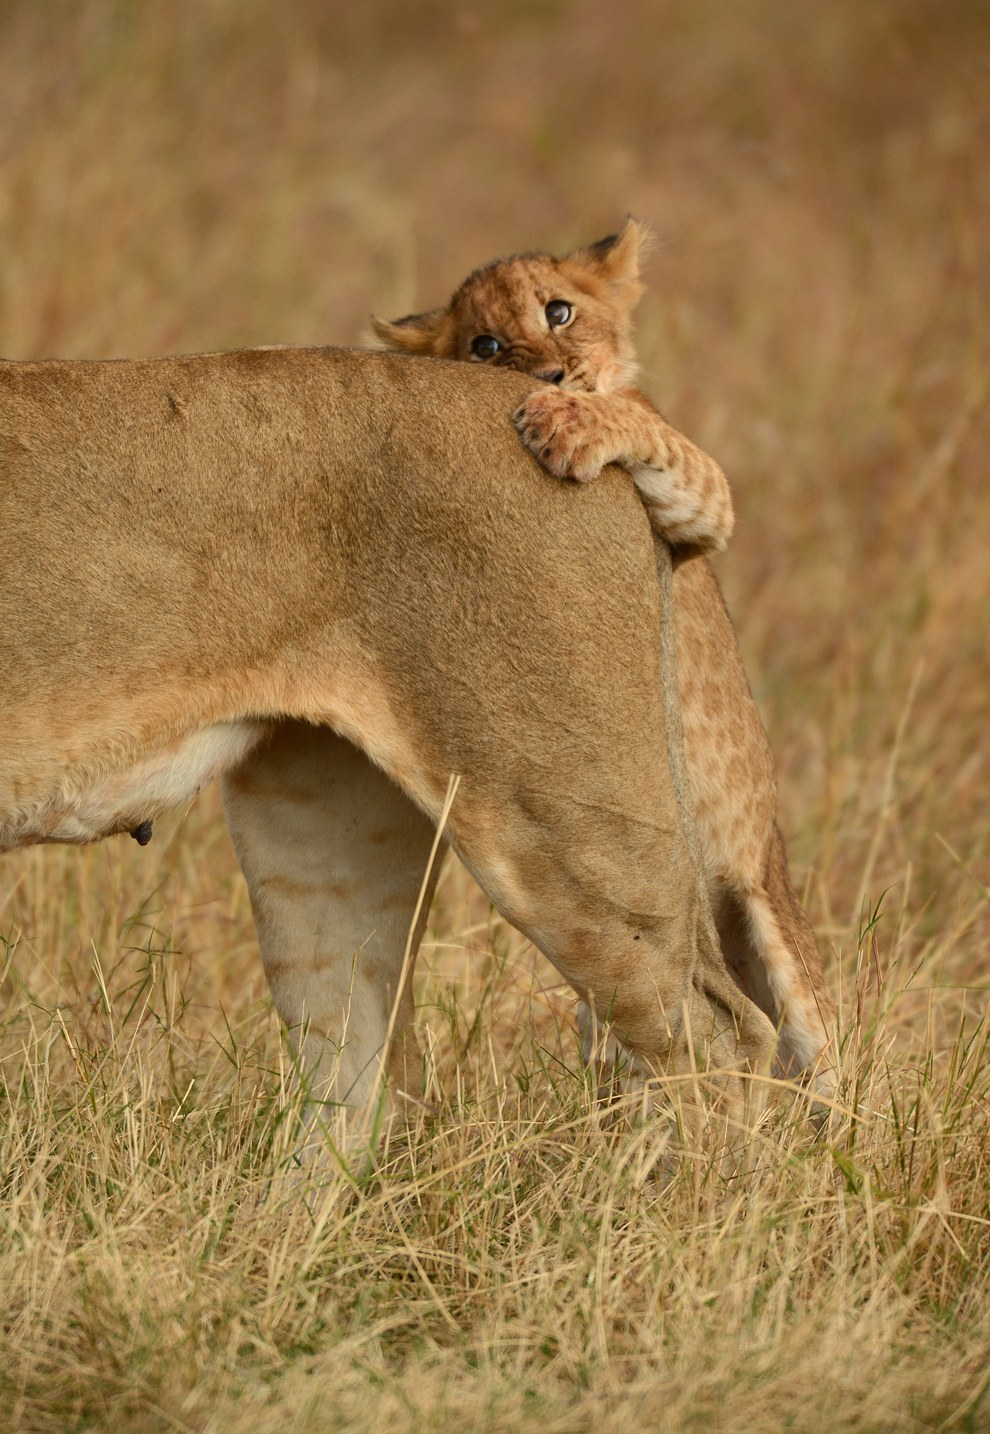 После того, как ему надоело играть со своими братьями и сестрами, это львенок решил «поохотиться» на свою маму